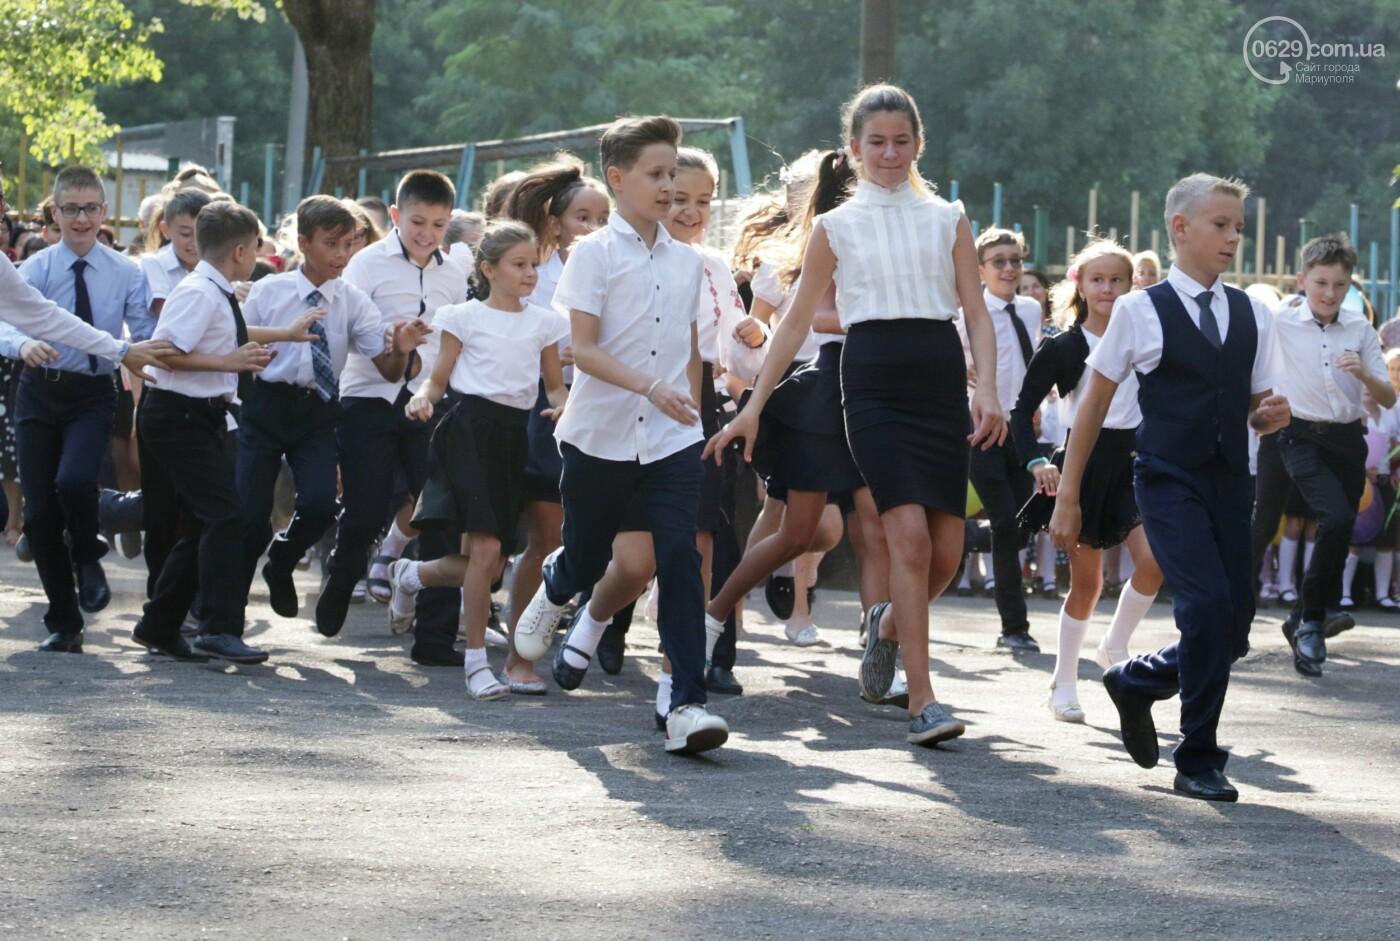 Первый звонок в Новой украинской школе: четыре тысячи первоклашек сели за парты в Мариуполе, - ФОТОРЕПОРТАЖ, фото-5